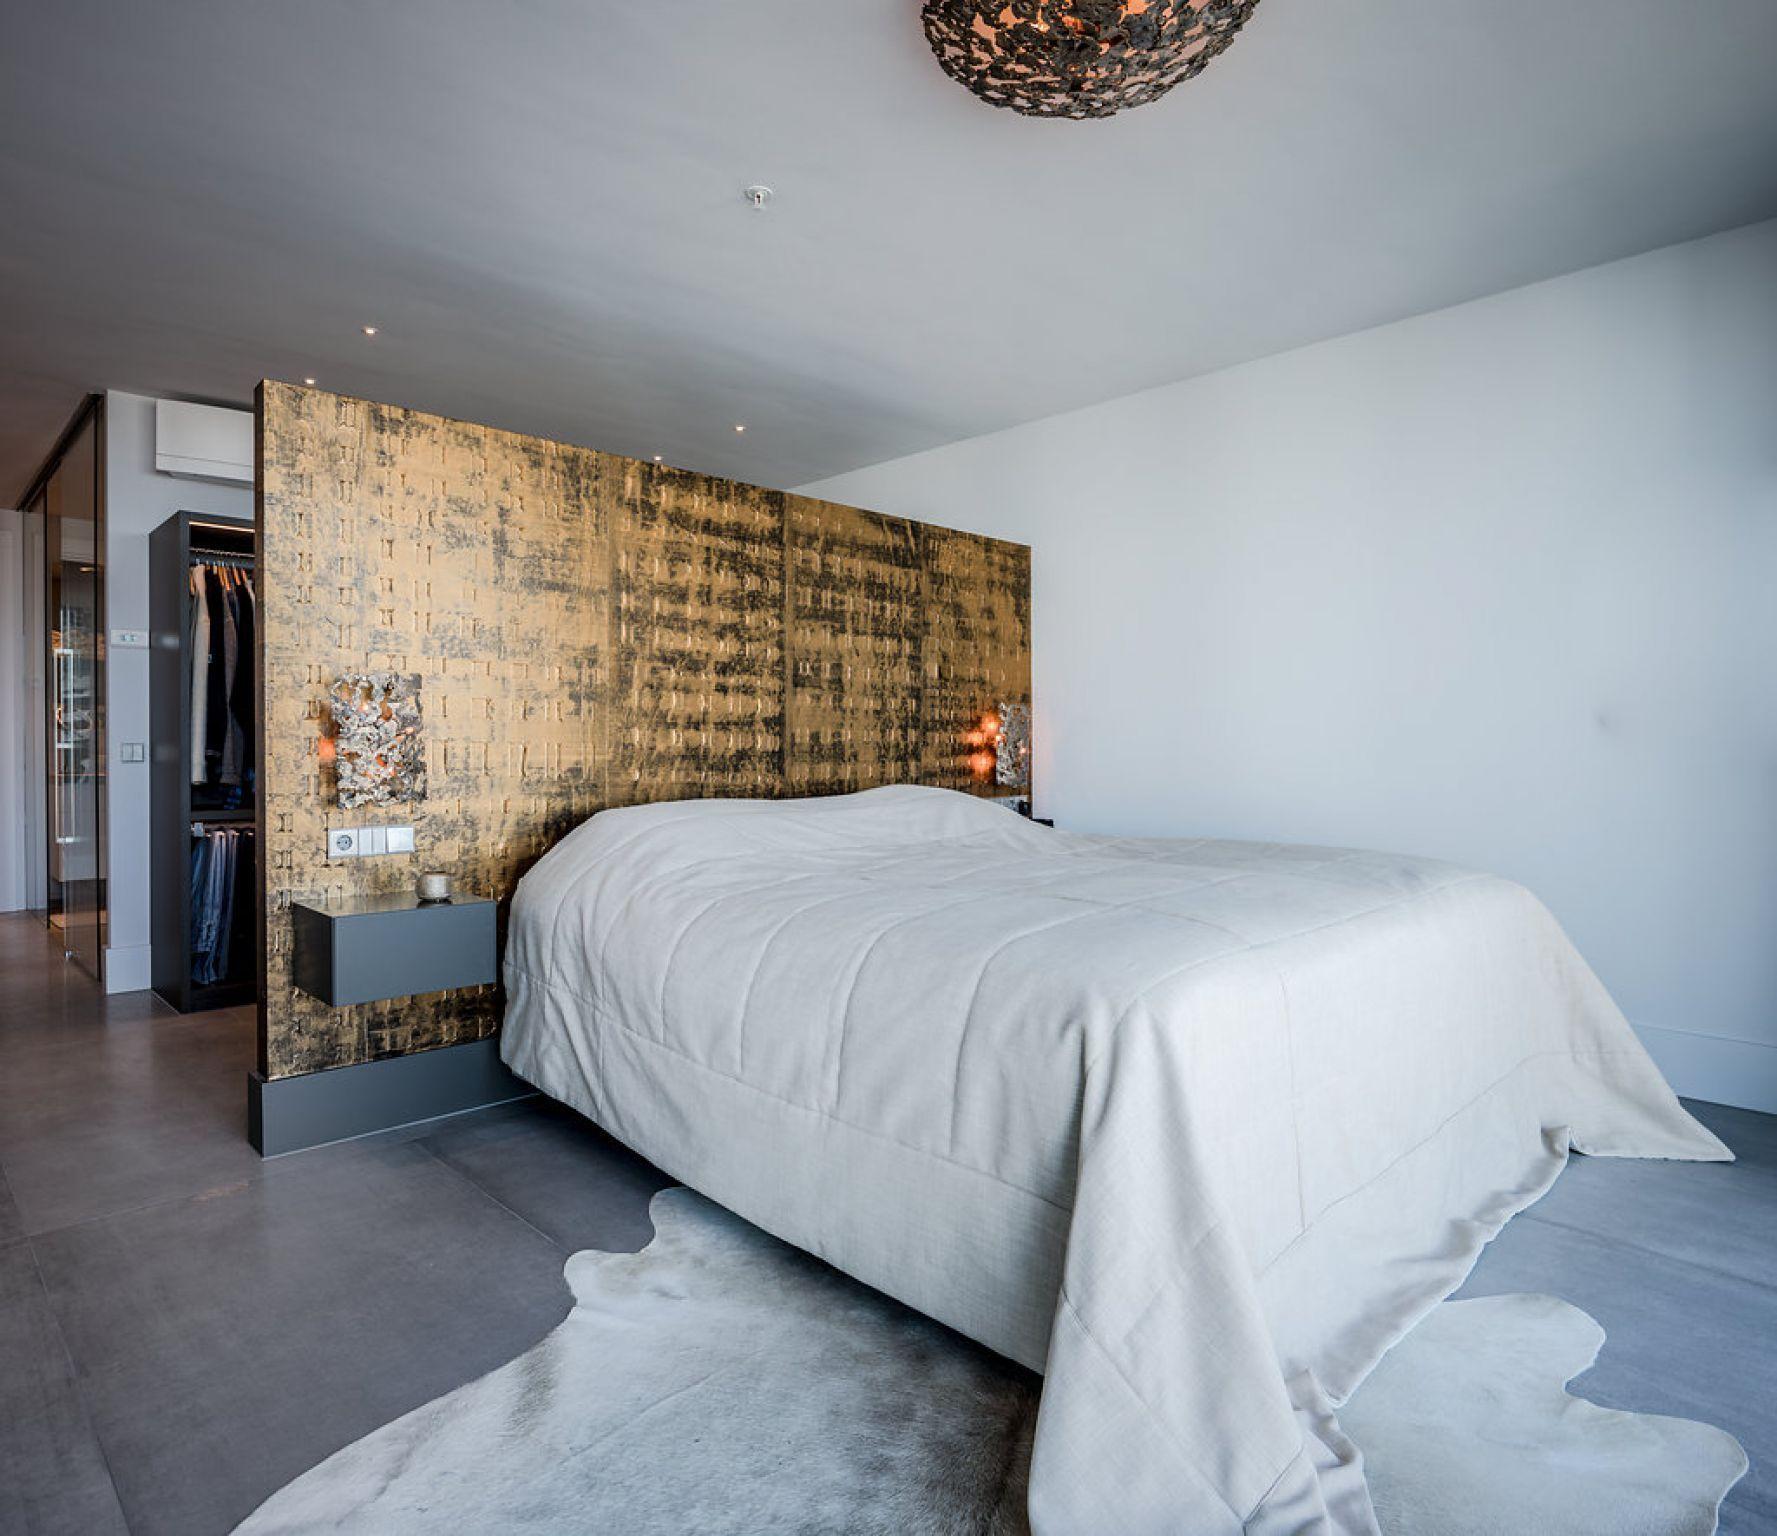 Groeneveld & Poirot   Maatwerkinterieur slaapkamer, droomappartement ...